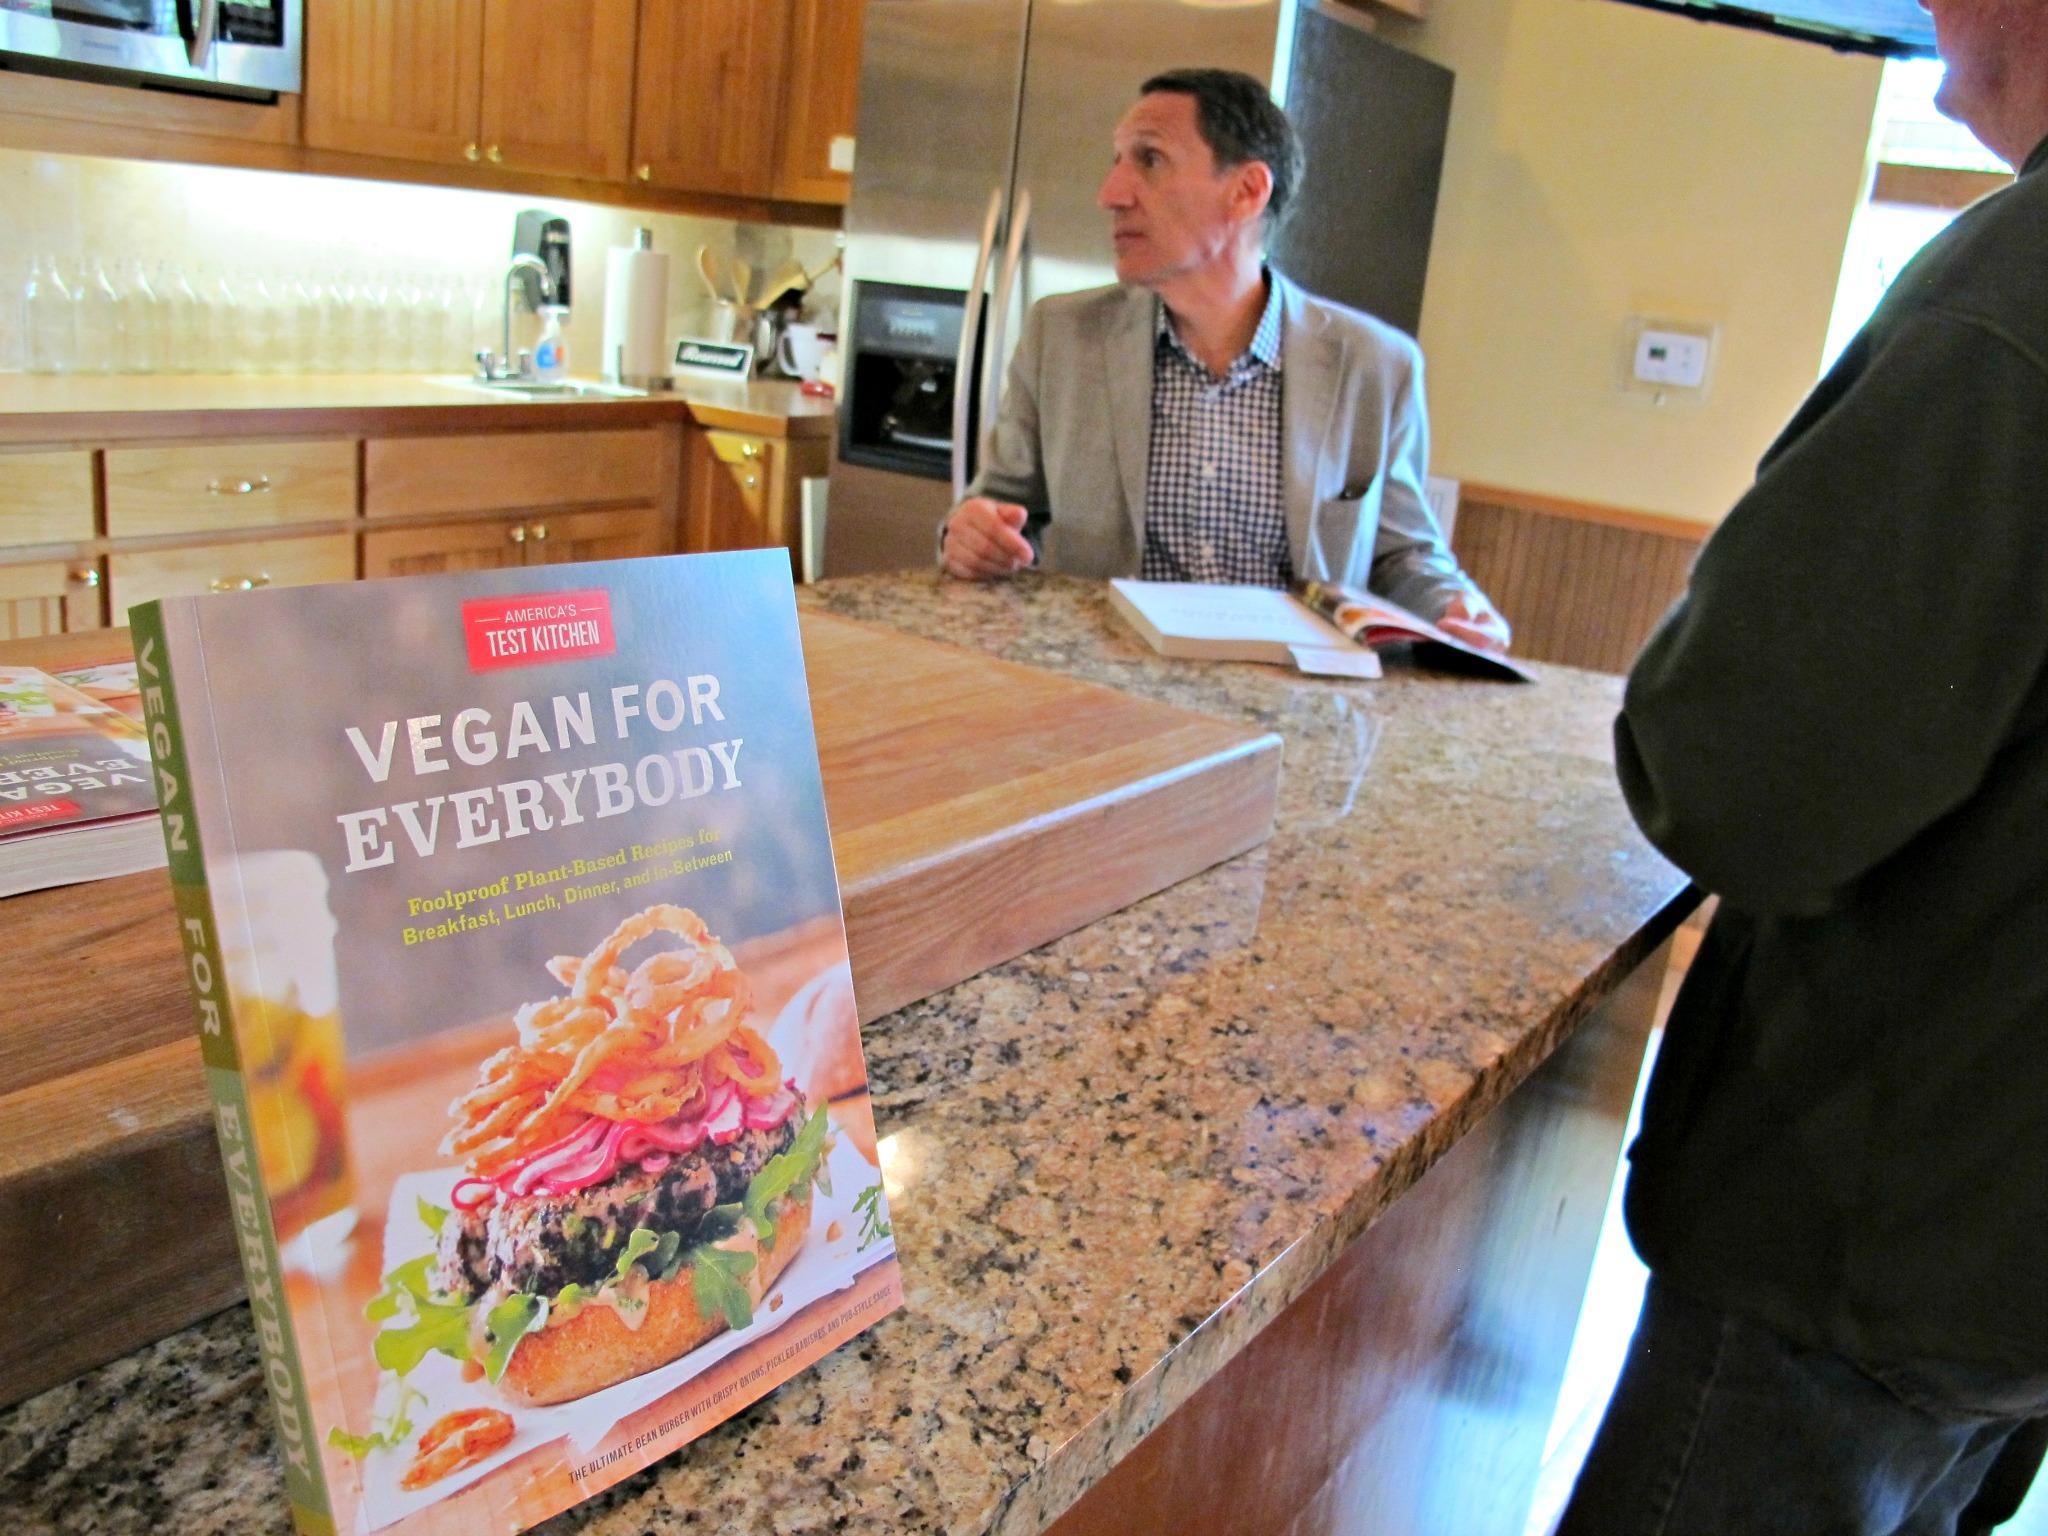 Vegan for Everyone book signing